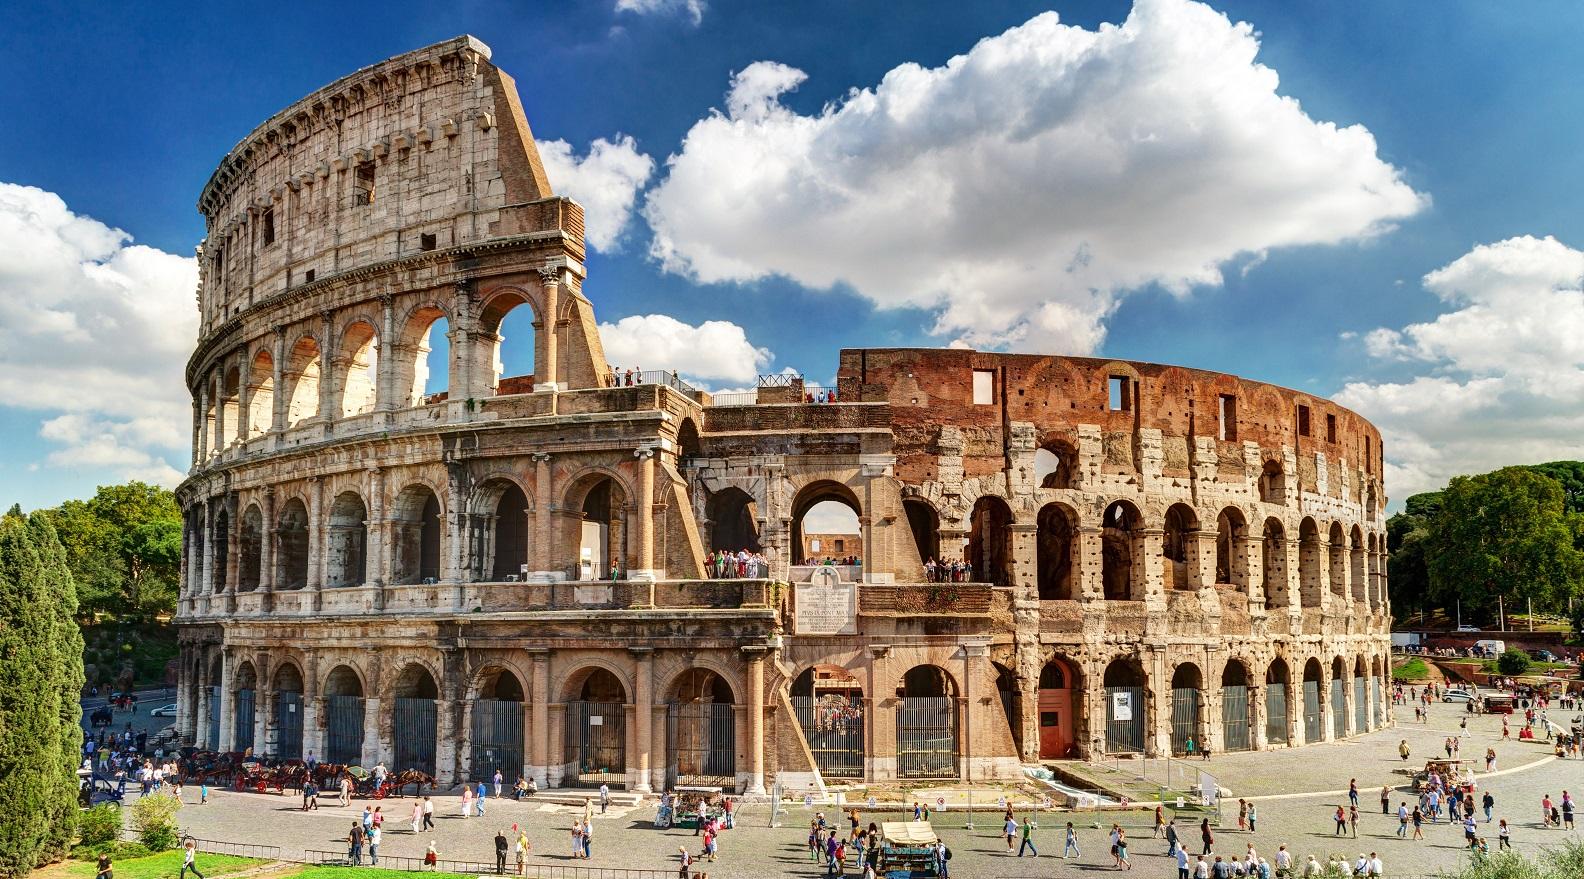 kolizej - ТОП 10 достопримечательностей Рима